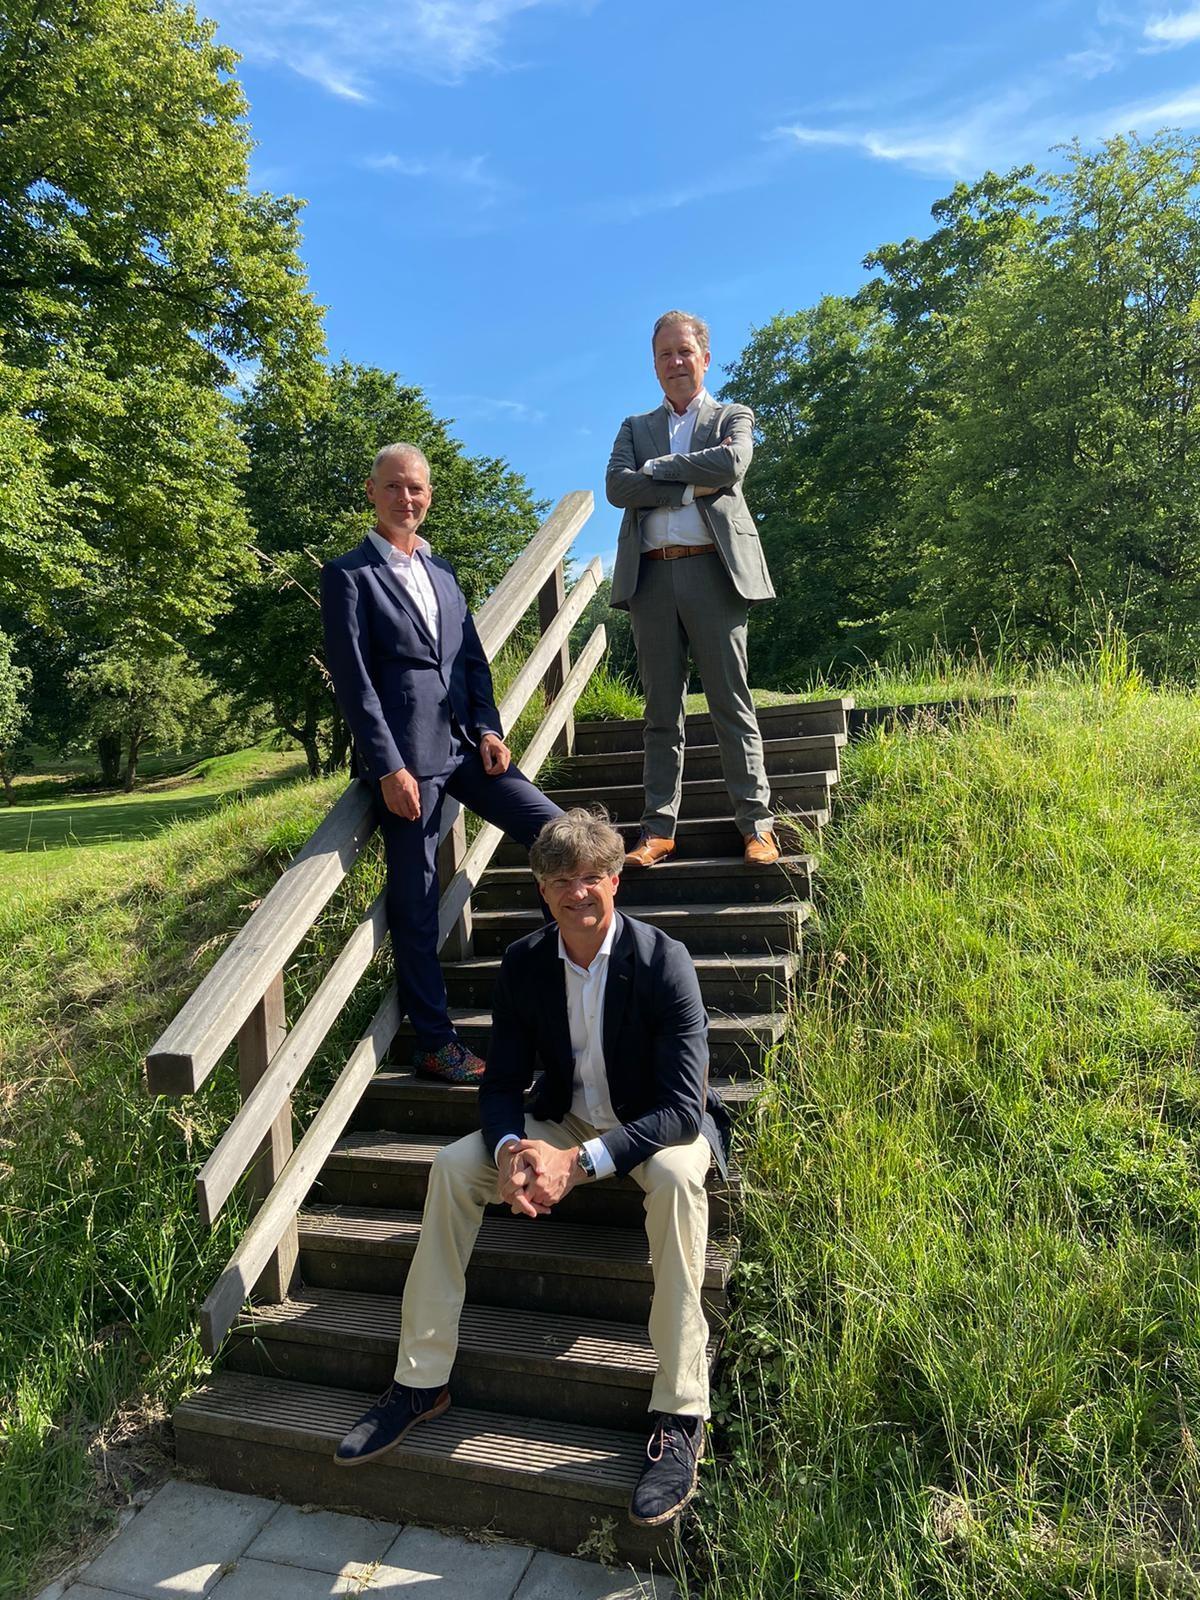 WIAL Nederland senior partners Twan Paes, Christoph Maria Ravesloot en Frank Campman